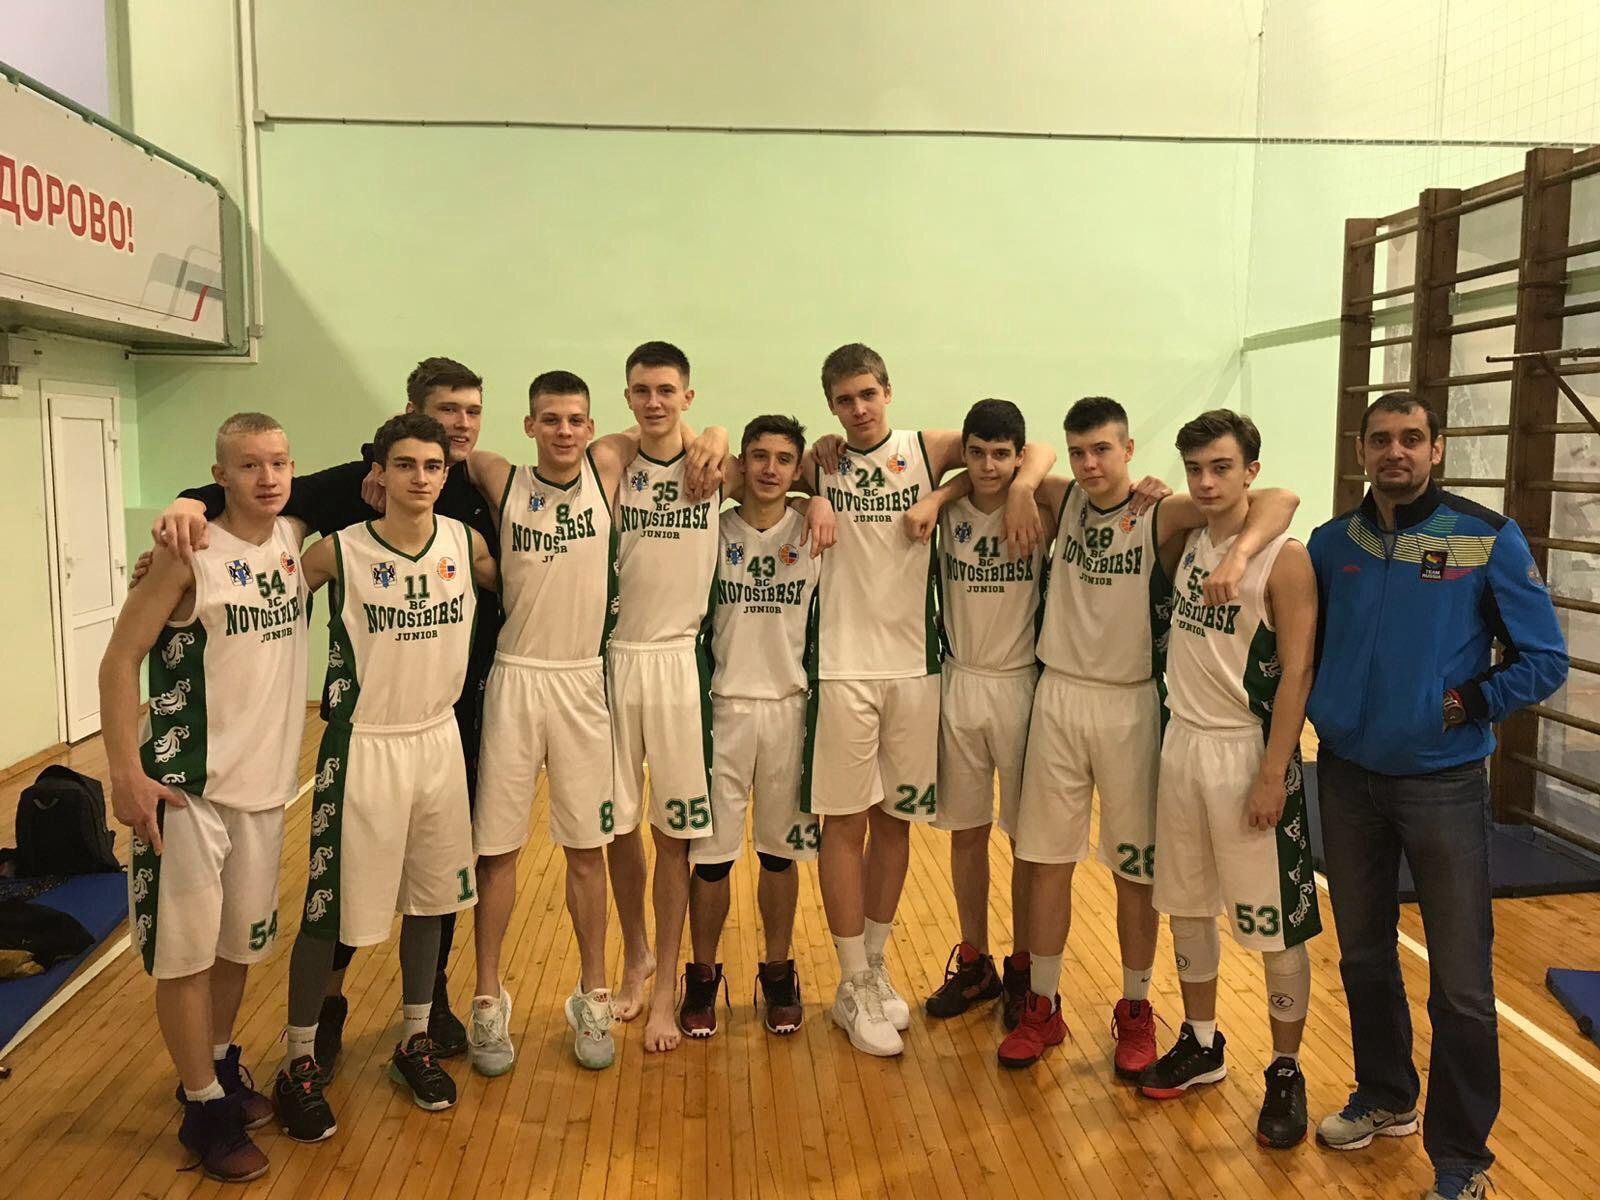 Команда БК Новосибирск и старший тренер-преподаватель по баскетболу Дударев Д. М.